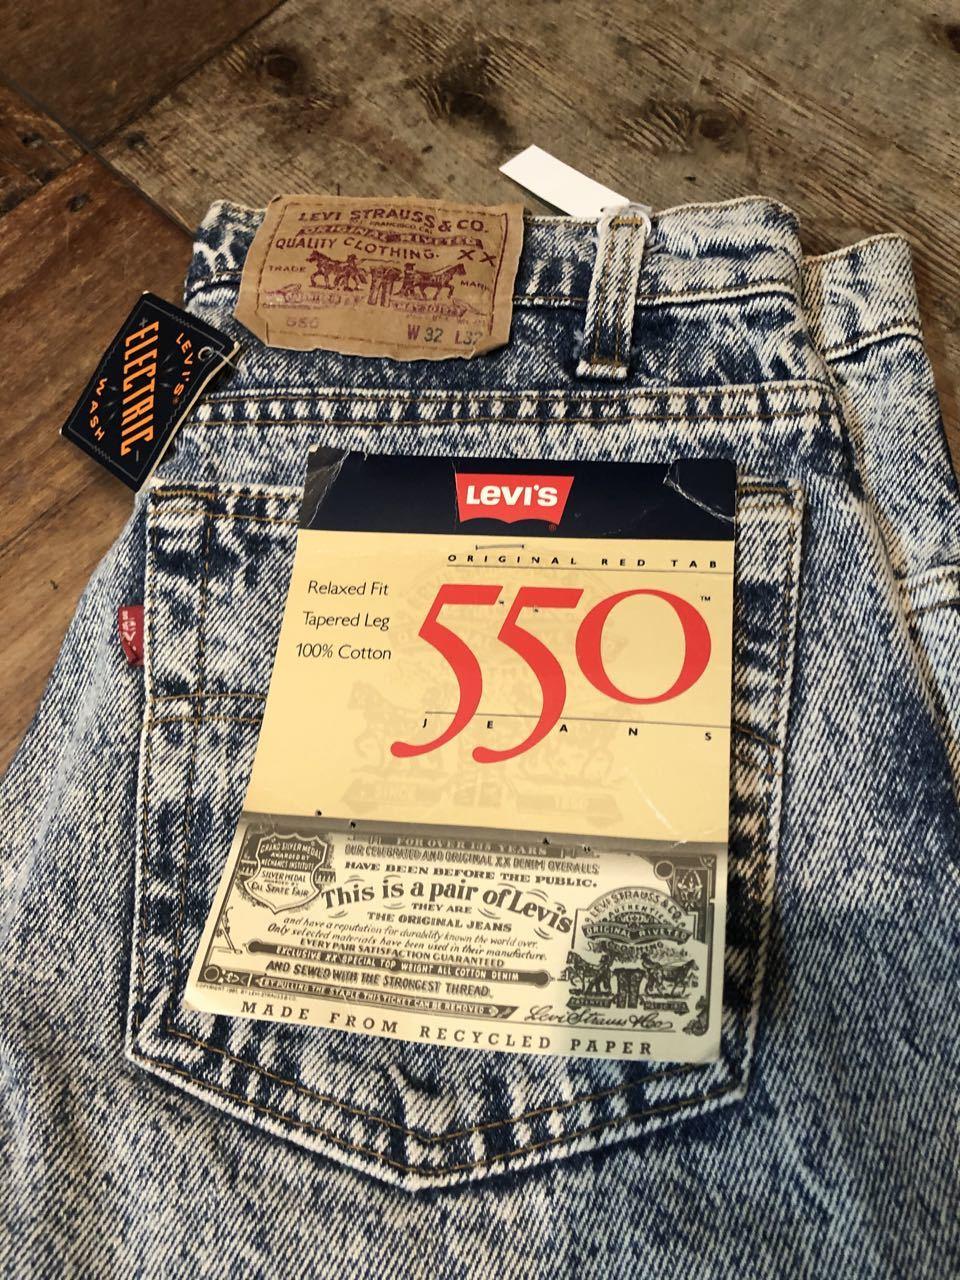 6/18入荷!80s デッドストック アメリカ製 Levi\'s 550  リーバイス550 ELECTRIC  WASH ジーンズ!!_c0144020_12582164.jpg